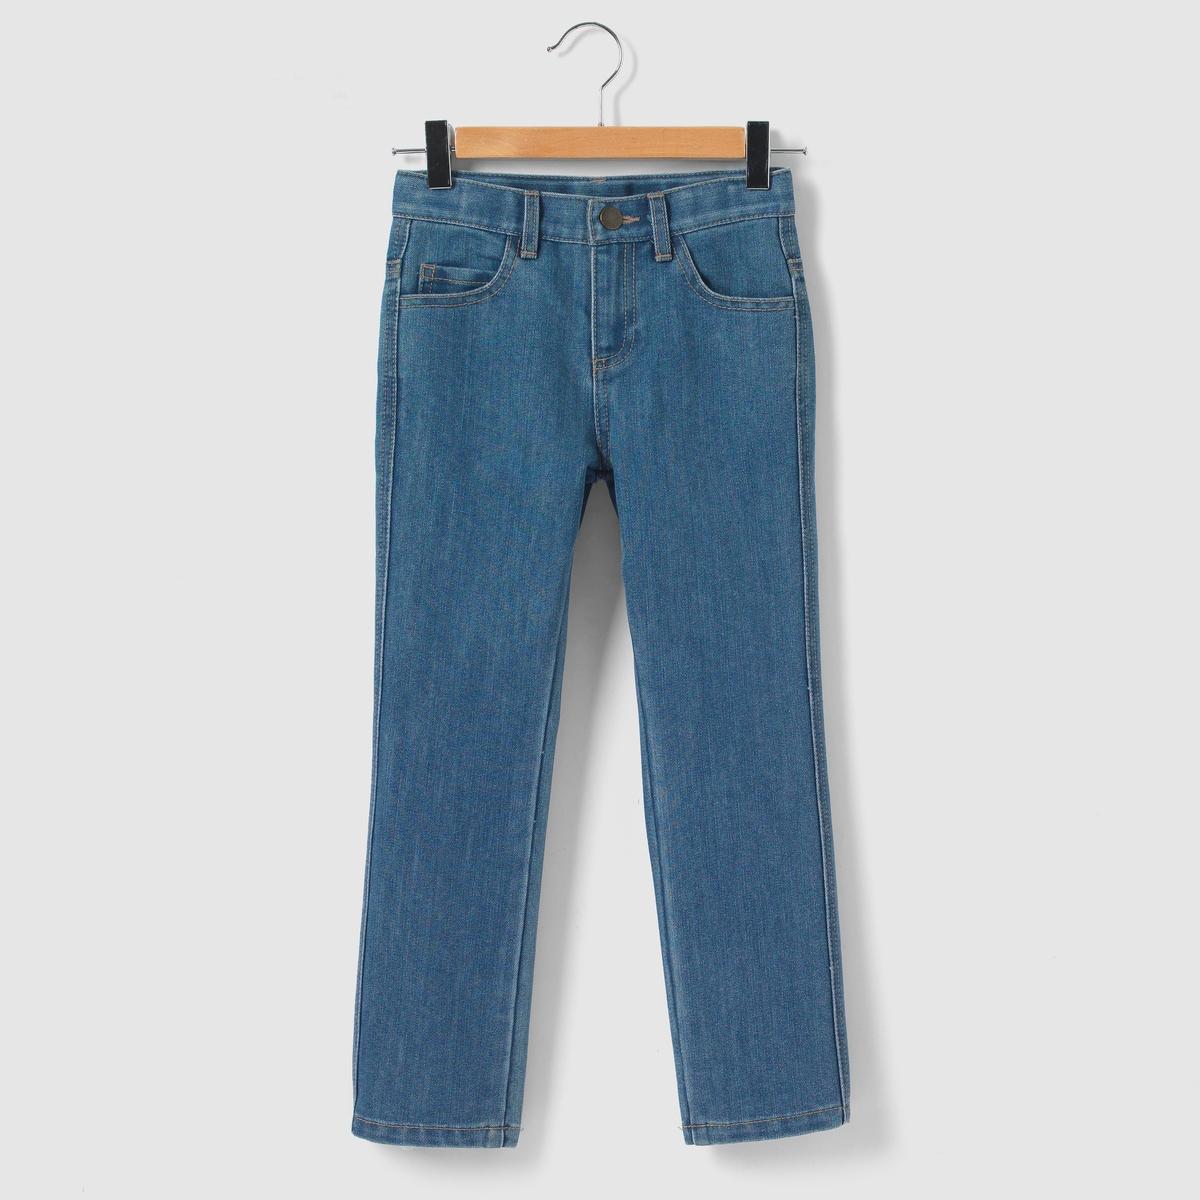 Джинсы широкие, 3-12 летШирокие джинсы, пояс со шлевками регулируется внутренней резинкой на пуговице. Застежка на молнию и кнопки. 2 передних кармана + 1 часовой карман. 2 кармана сзади.                        Состав и описание : Материал       деним 58% хлопка, 42% полиэстера для вытертой модели, светло-бежевого и бежевого цветов 99% хлопка, 1% эластана для серого цветаМарка      R essentielУход :Машинная стирка при 30 °C с вещами схожих цветов.Стирать и гладить с изнаночной стороны.Машинная сушка в обычном режиме.Гладить при средней температуре.<br><br>Цвет: голубой потертый,серый,синий потертый<br>Размер: 3 года - 94 см.3 года - 94 см.4 года - 102 см.3 года - 94 см.10 лет - 138 см